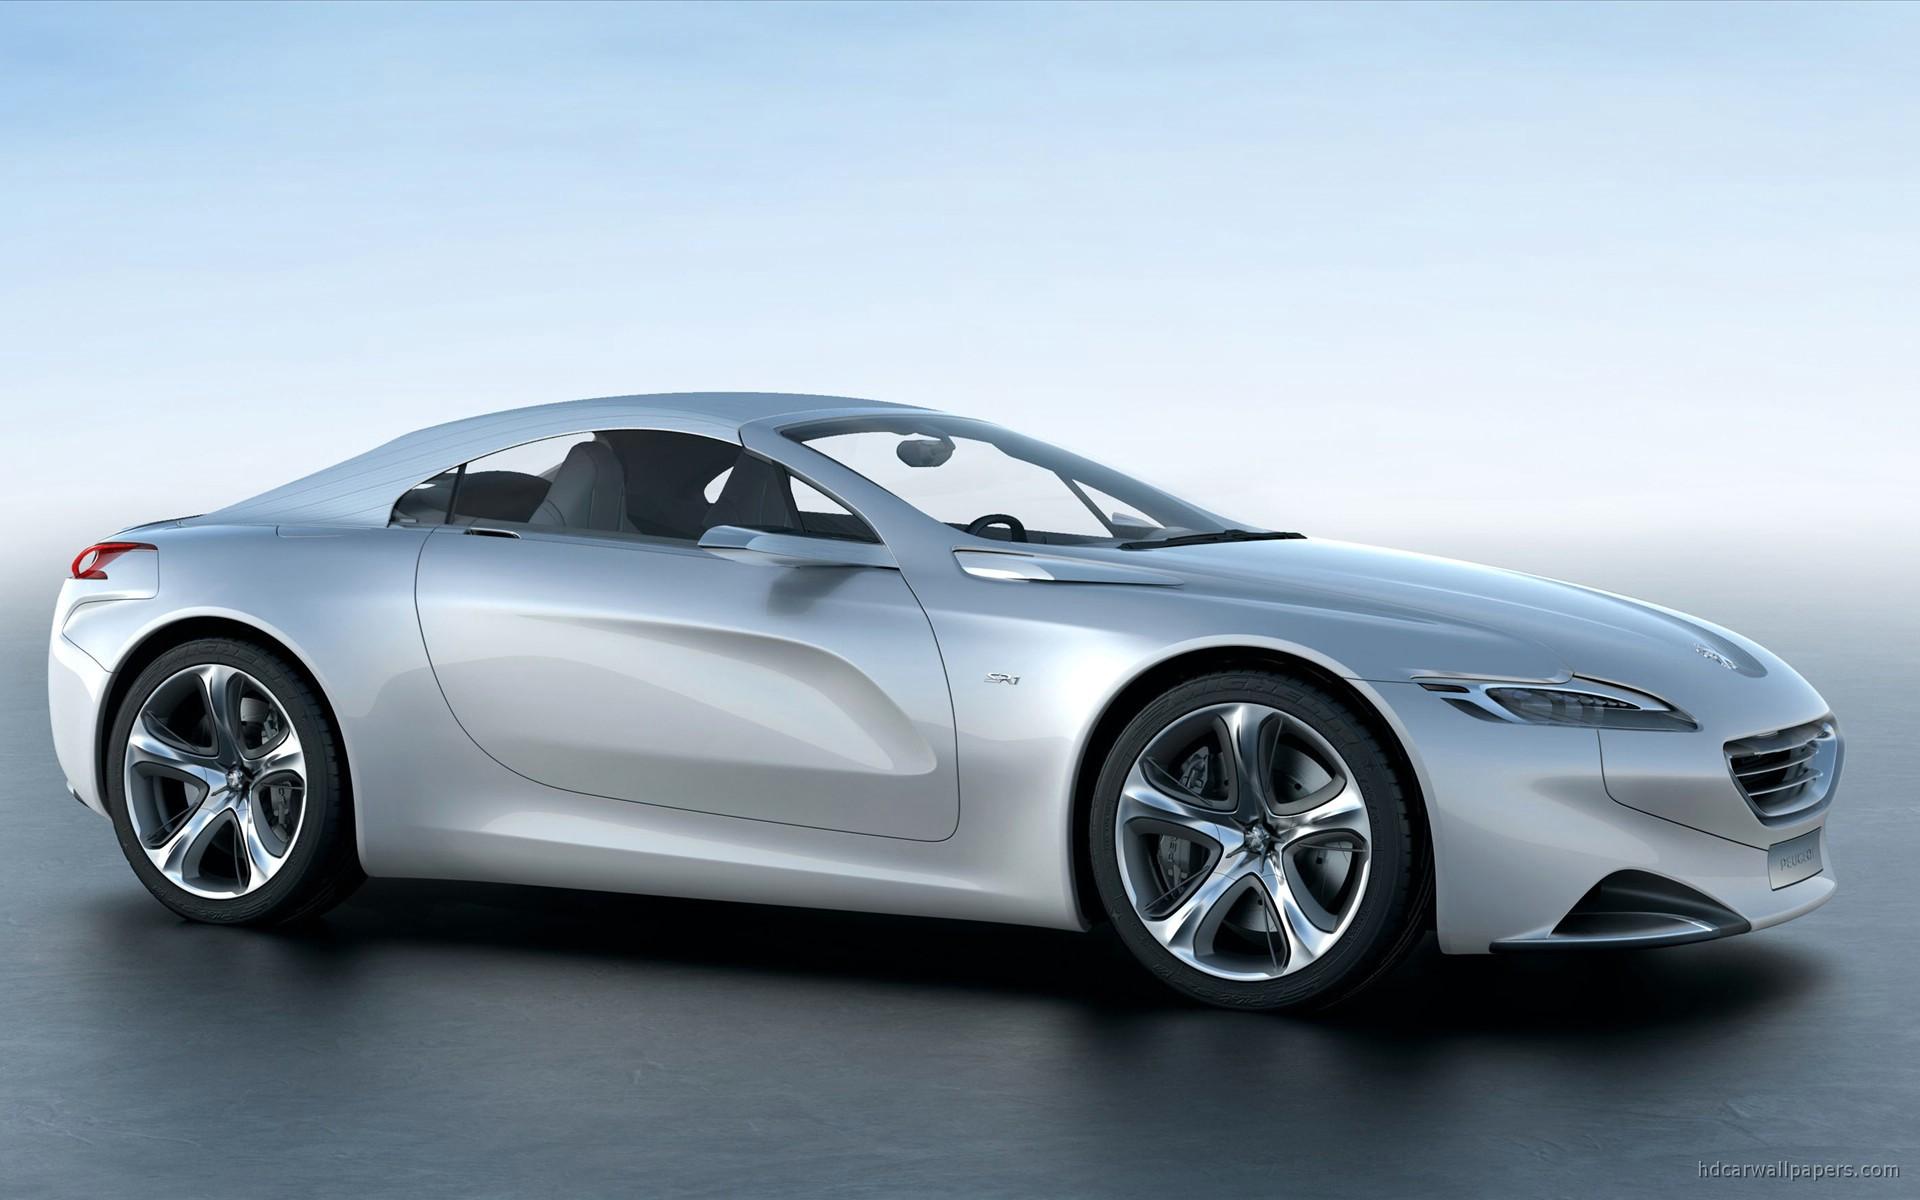 2010 Peugeot SR1 Concept Car 2 Wallpaper | HD Car Wallpapers | ID #1439